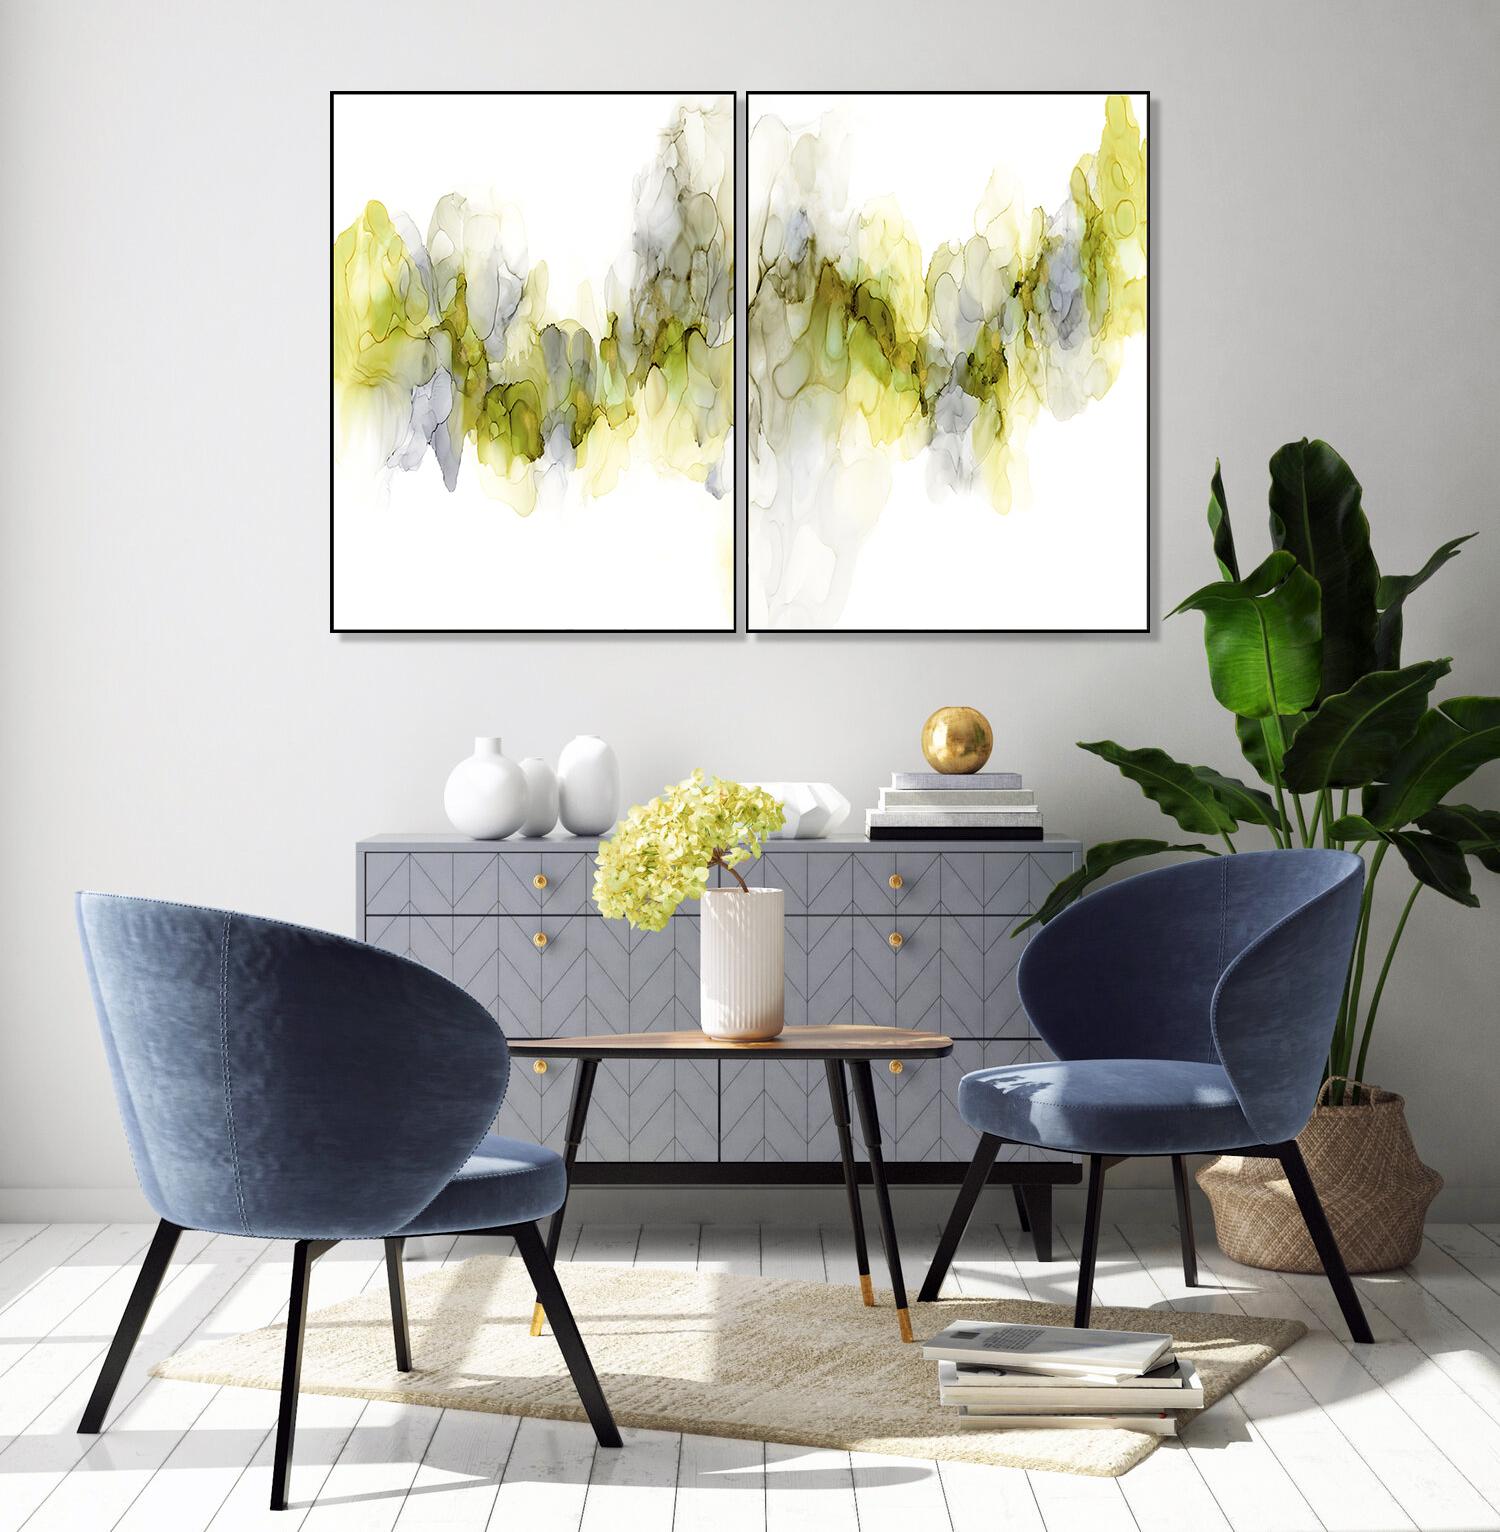 Abstracte art-prints Duo Emerging Mist